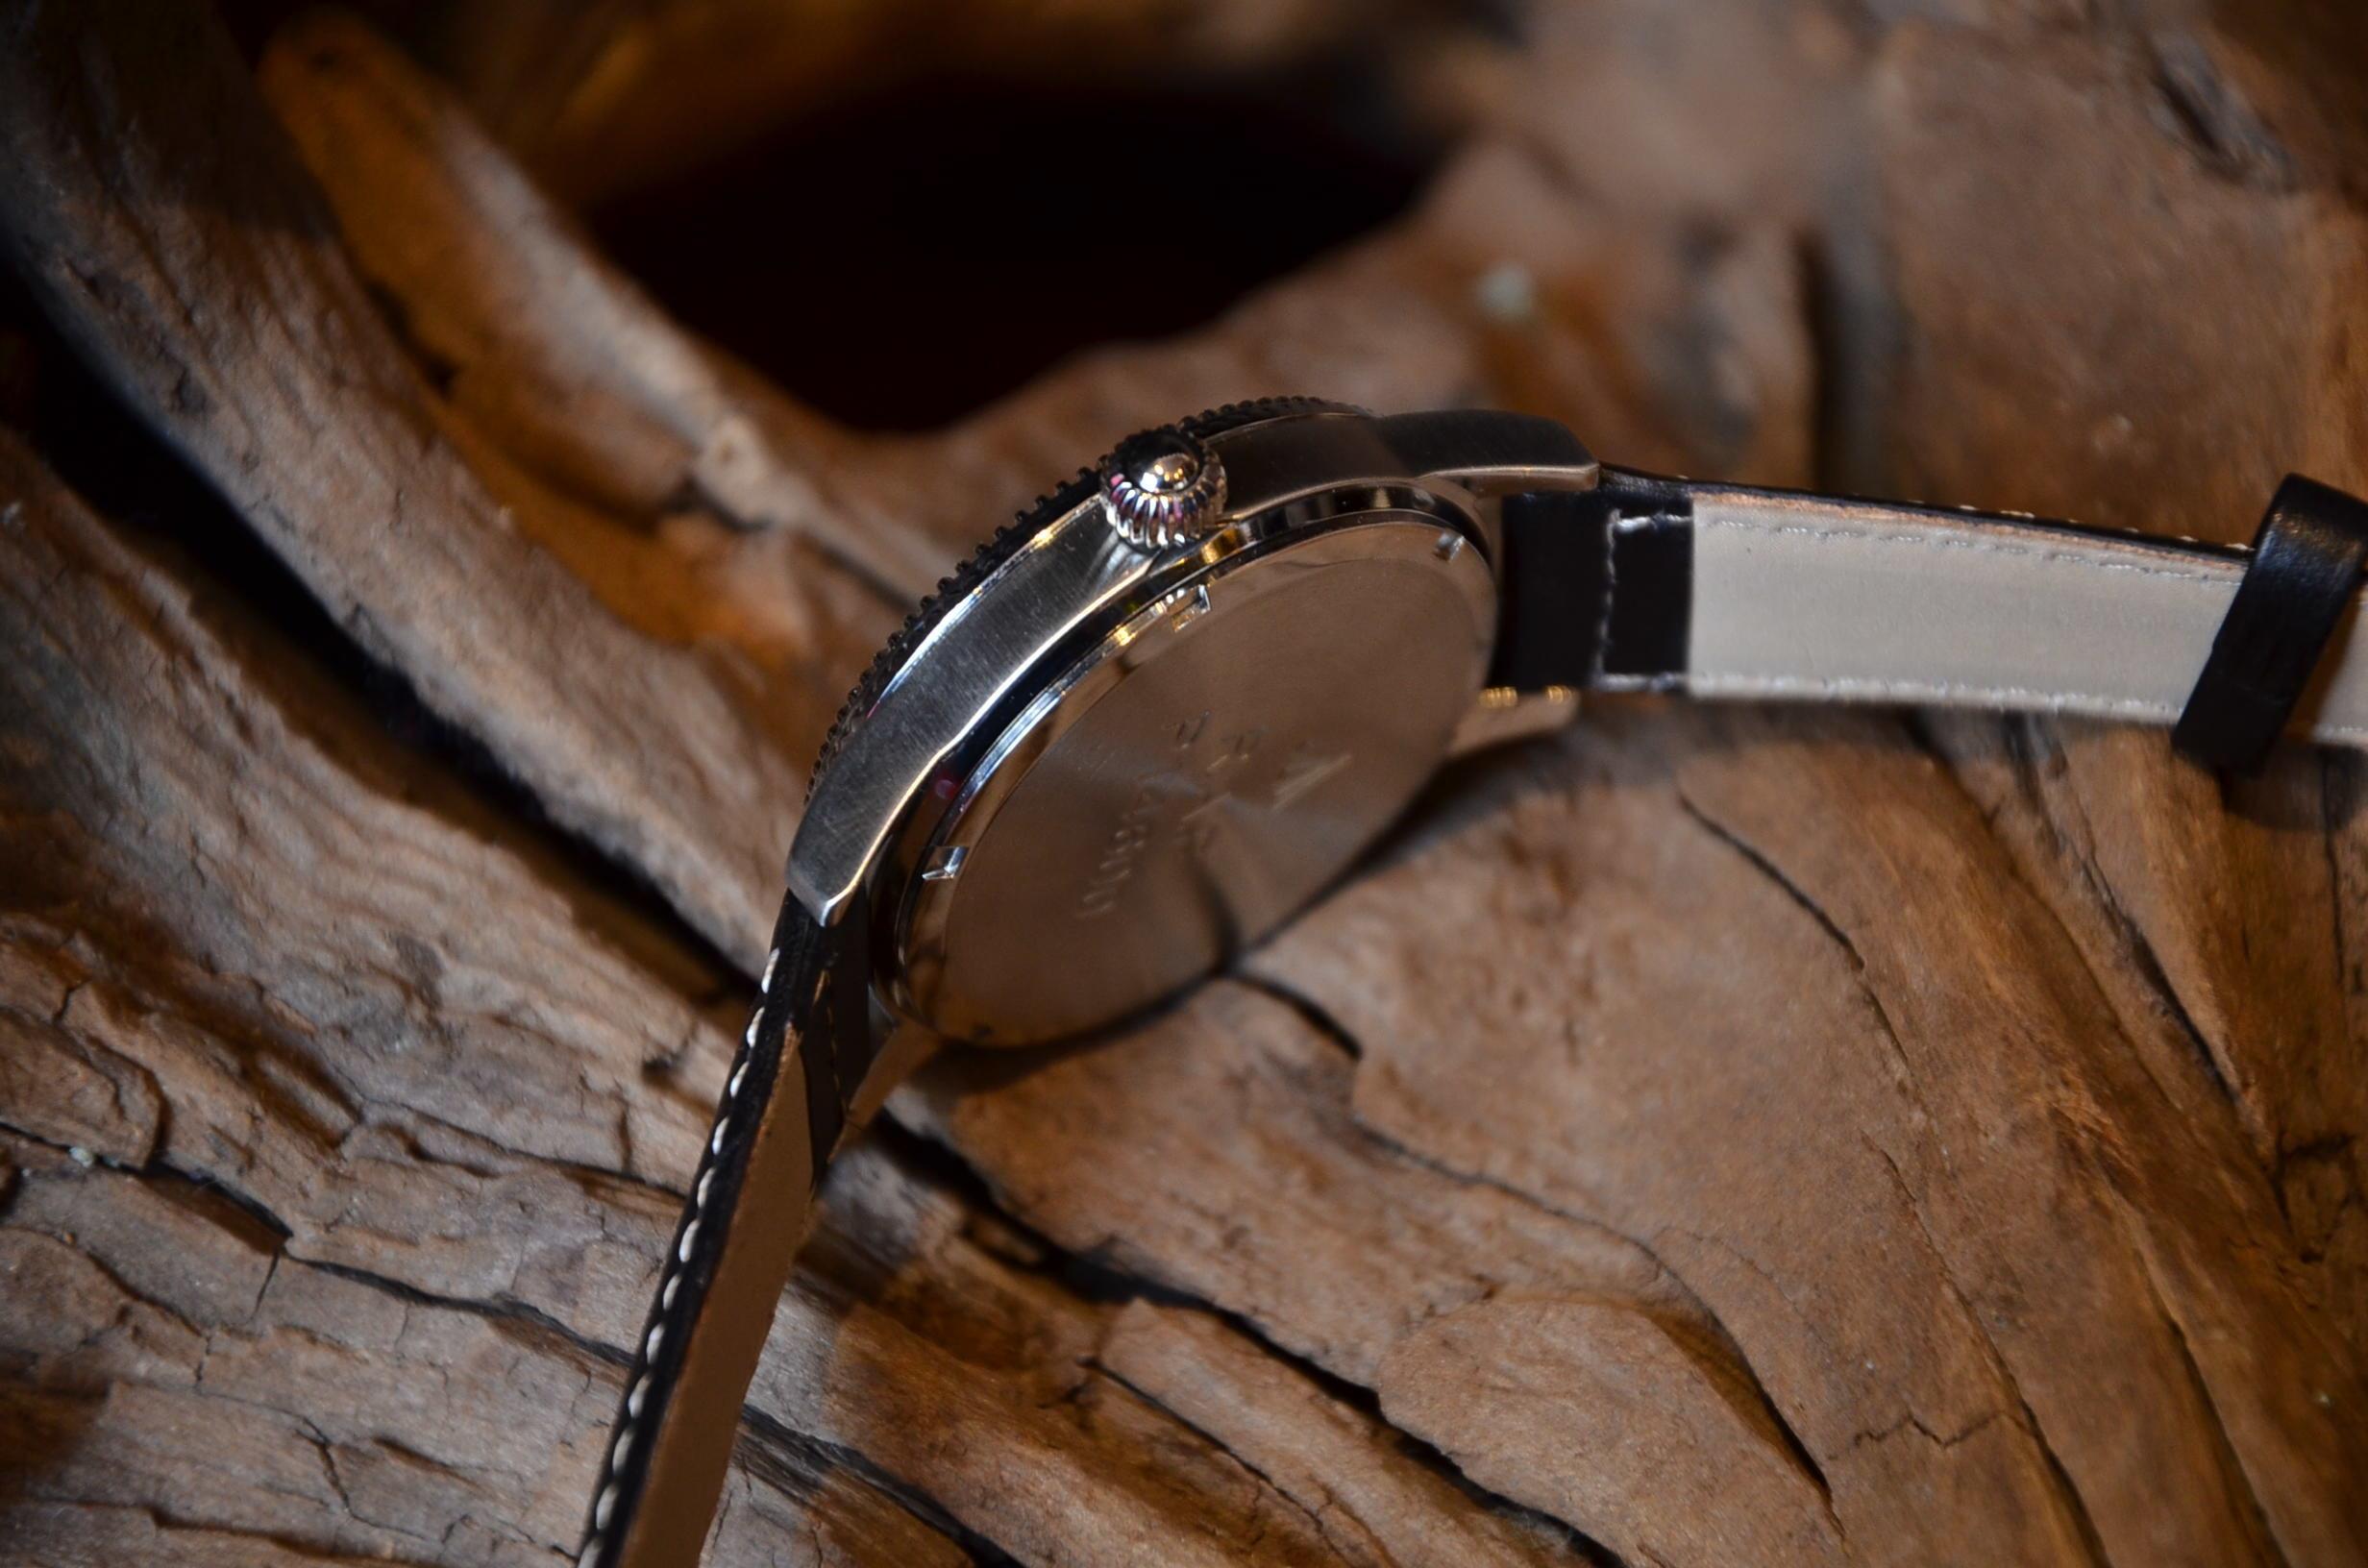 クリスマスギフトにも最適な腕時計_c0167336_15374103.jpg